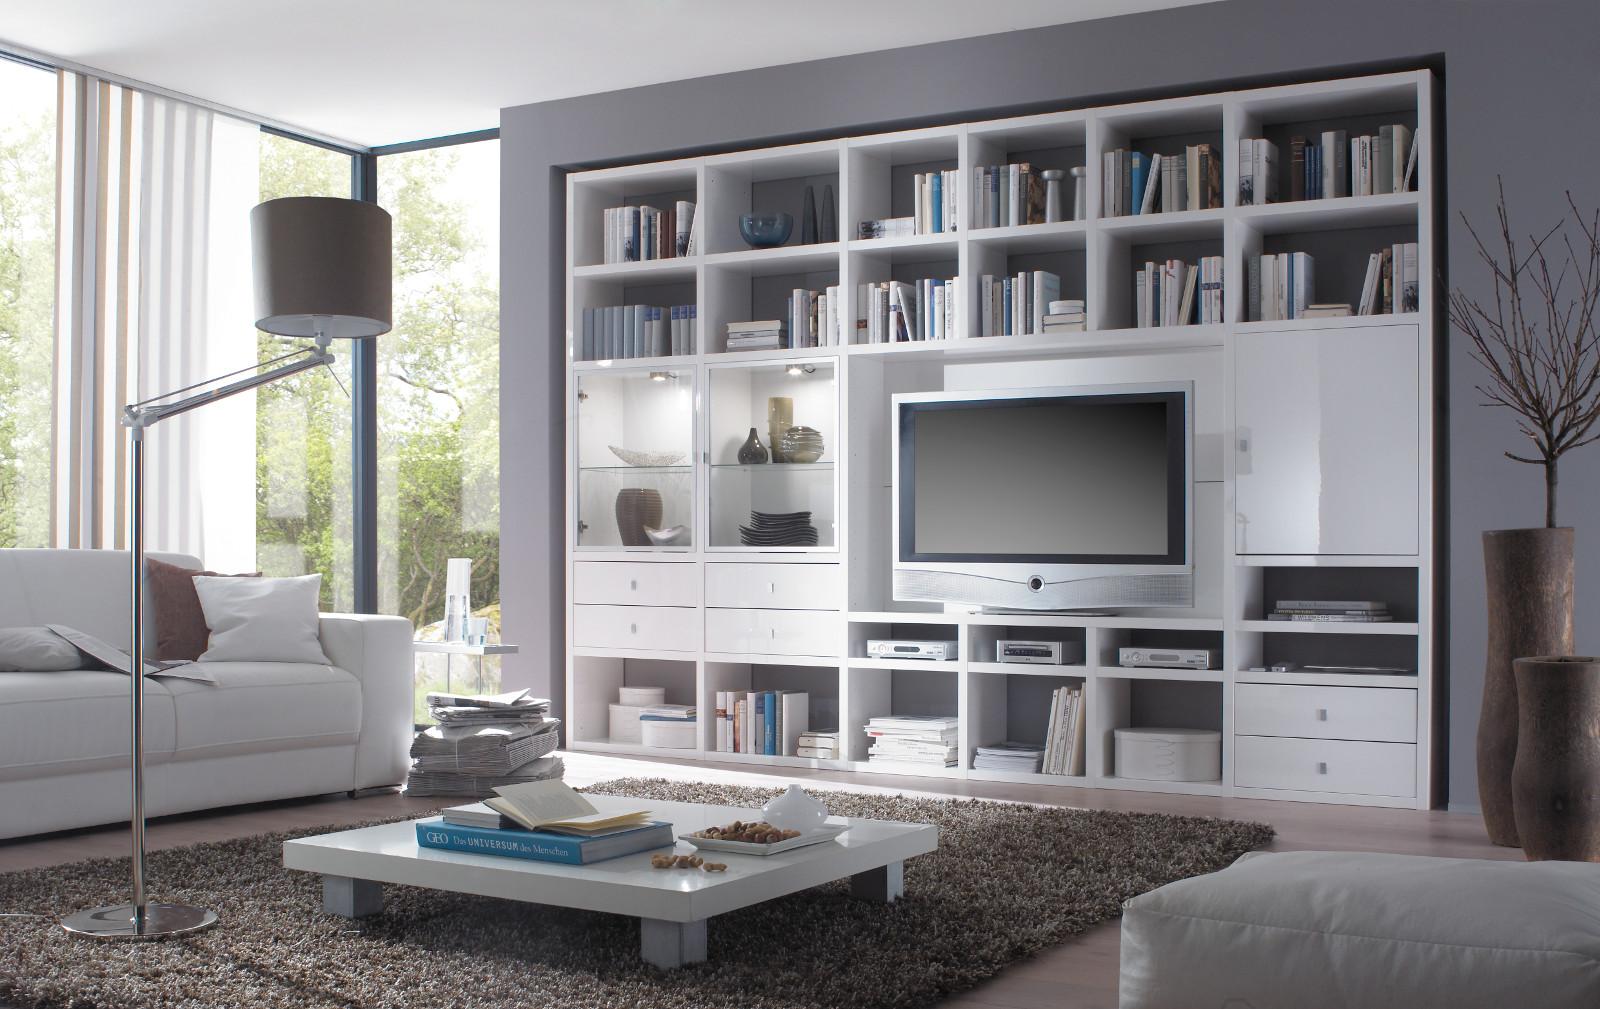 wohnwand b cherwand lack wei hochglanz schiebet r. Black Bedroom Furniture Sets. Home Design Ideas